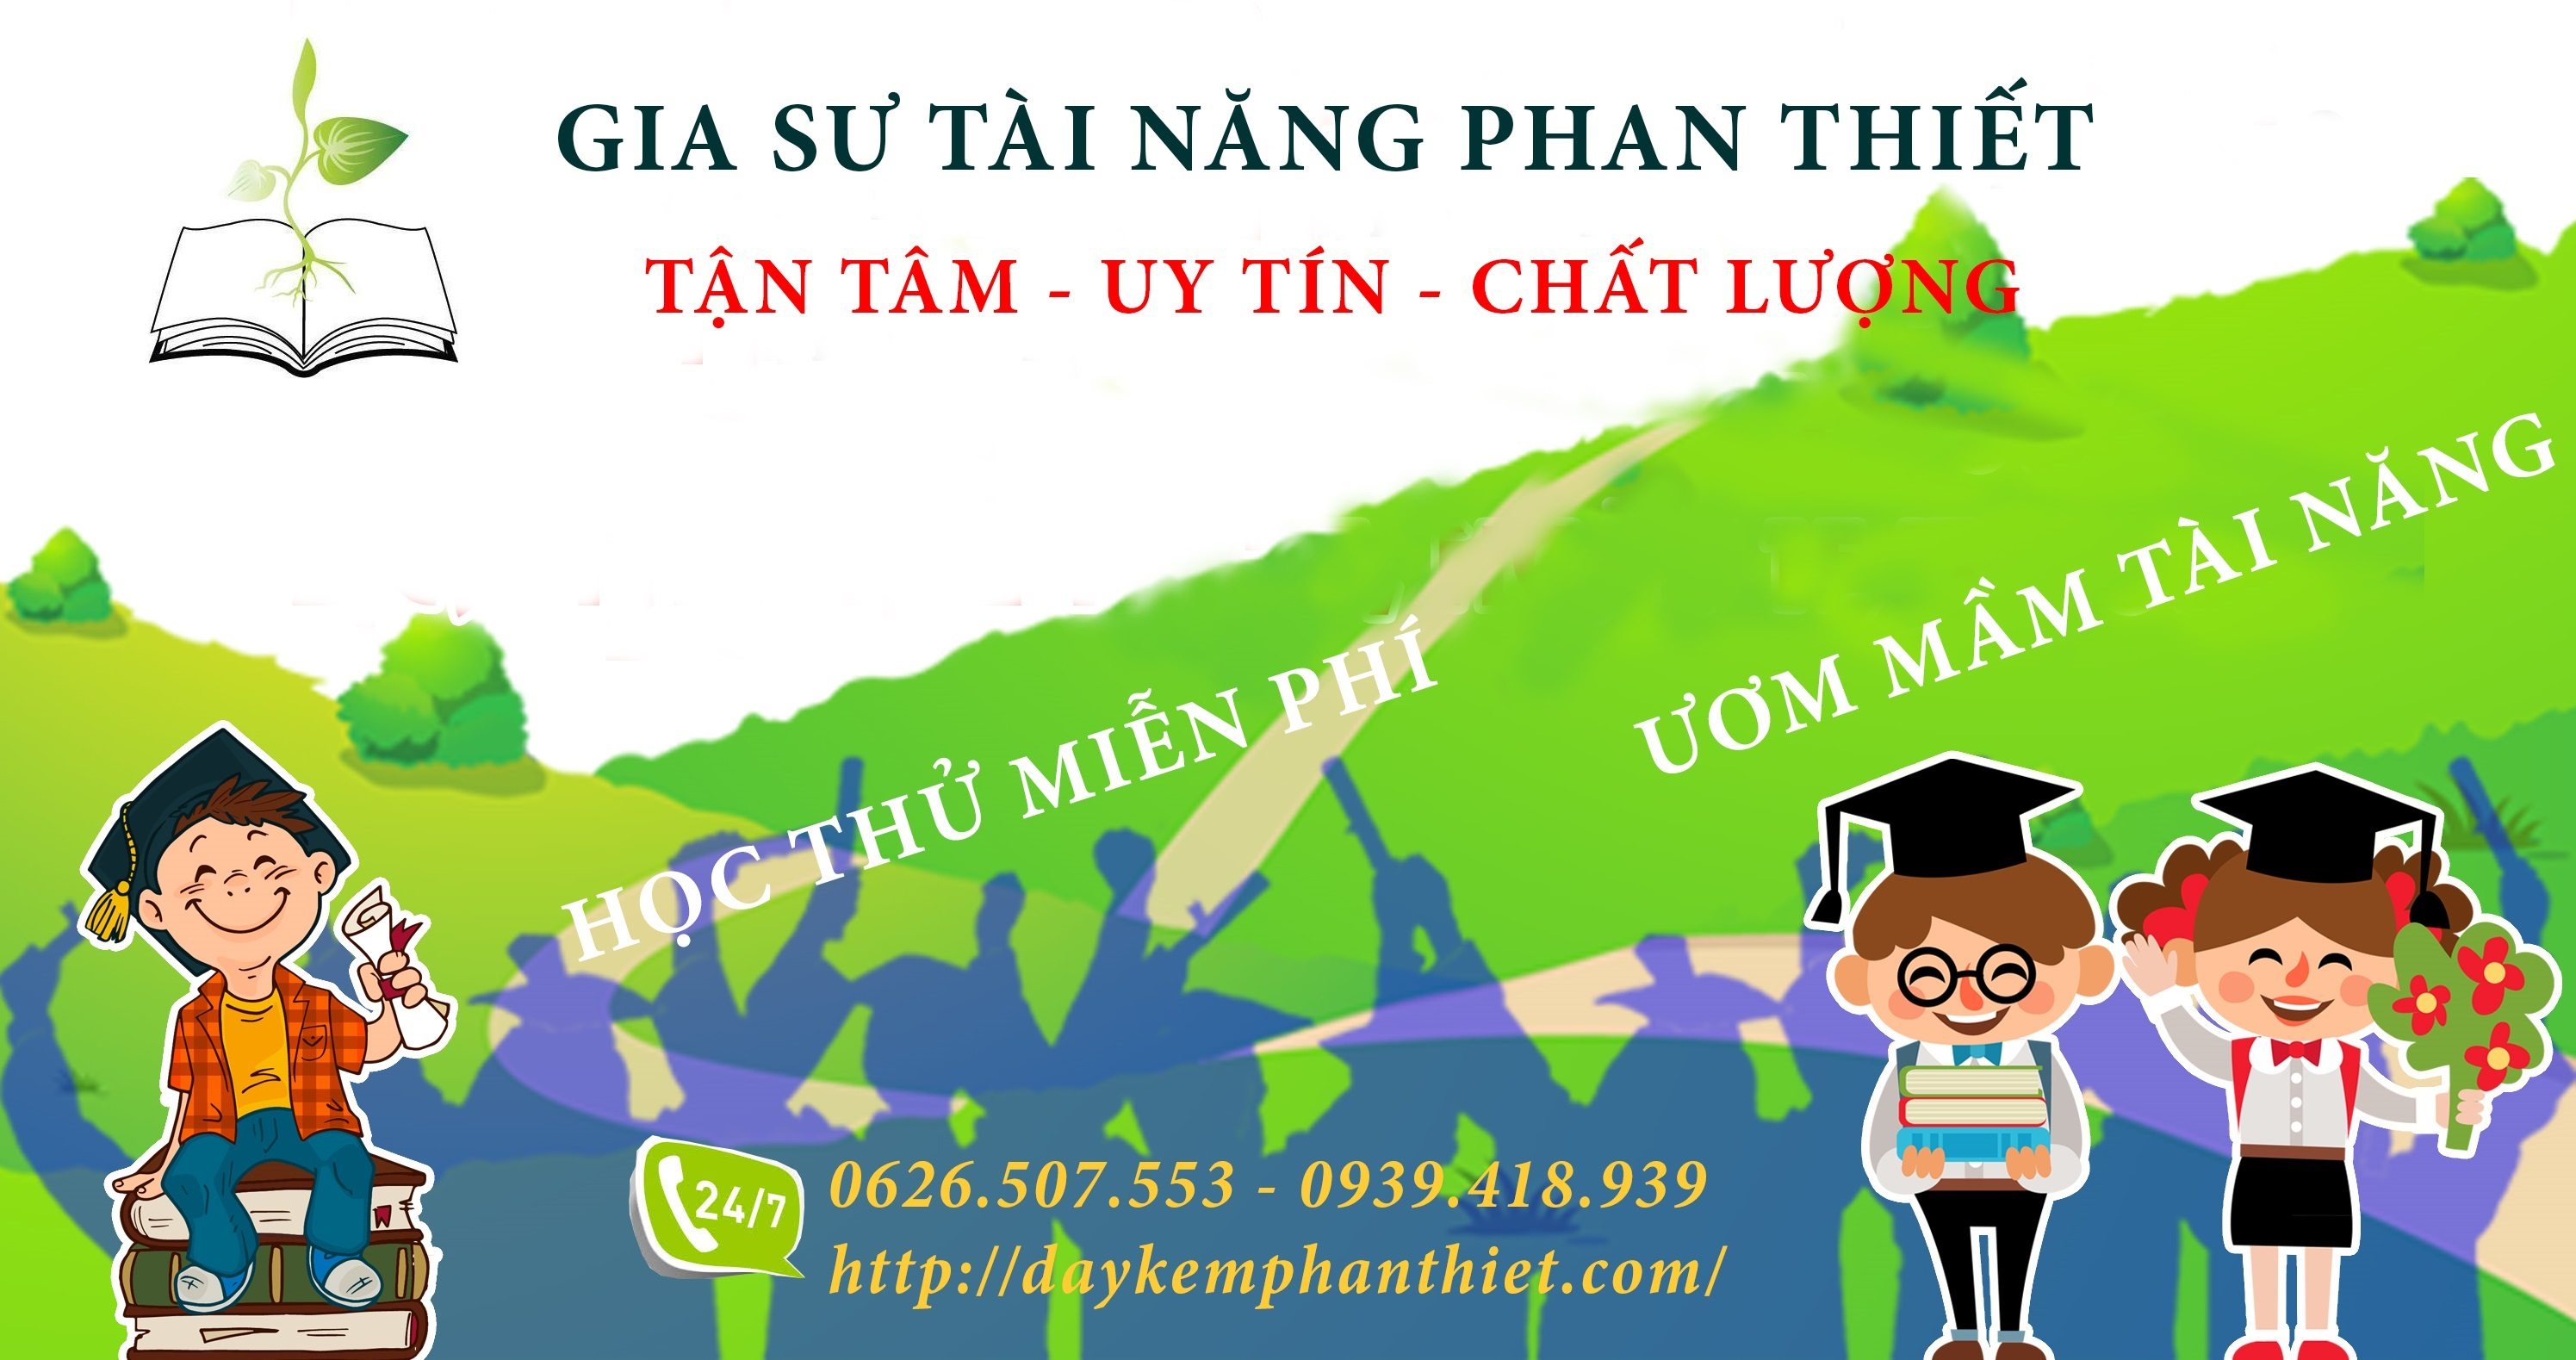 Học thử miễn phí tại gia sư Phan Thiết